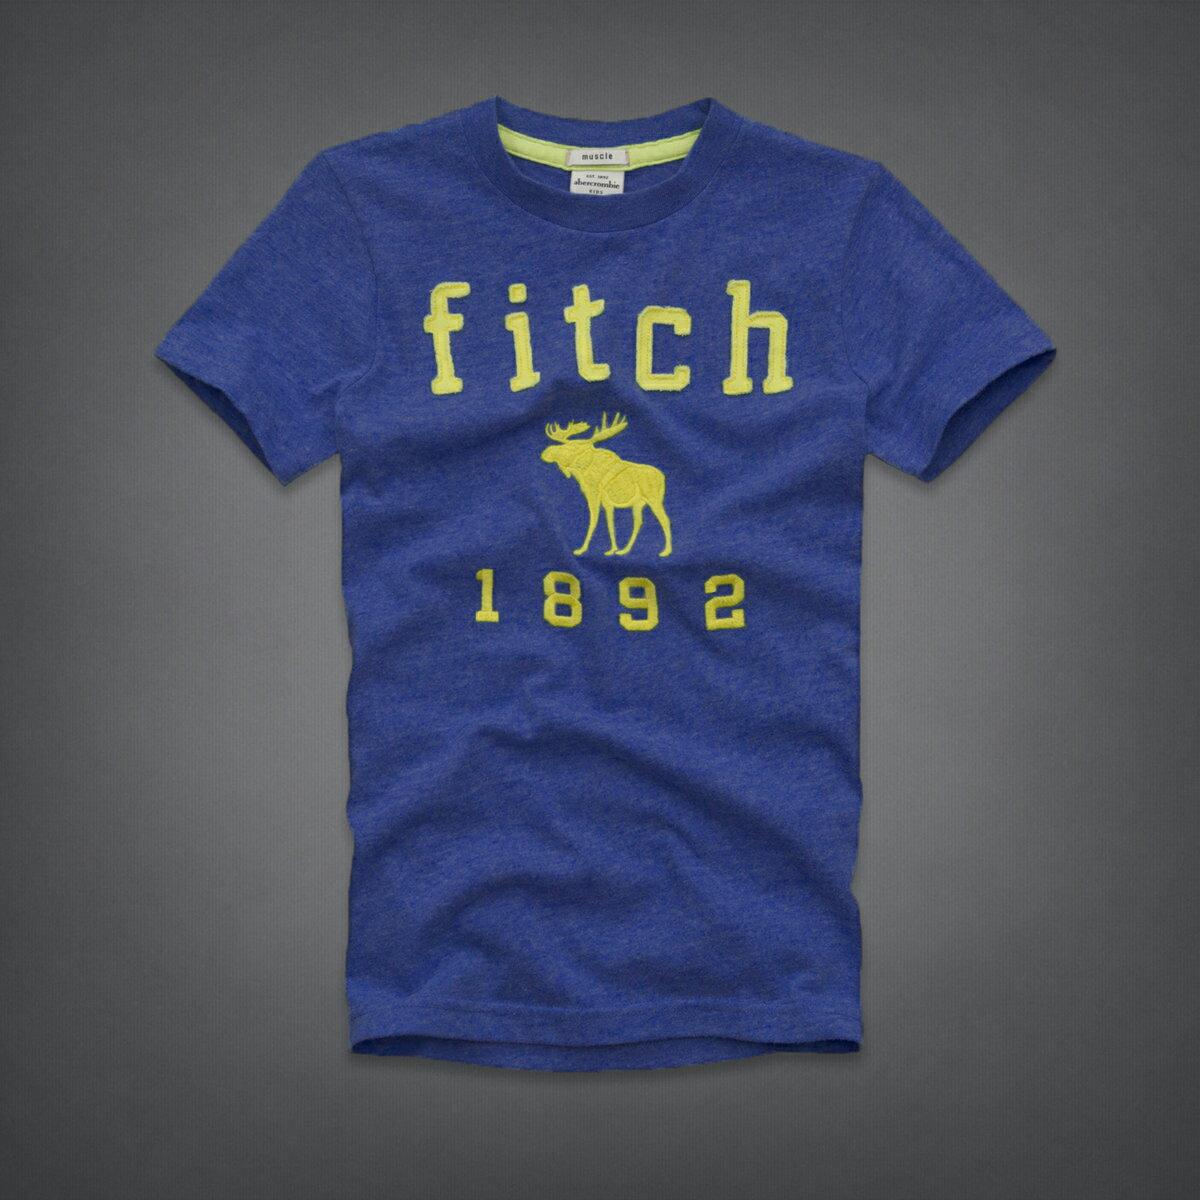 美國百分百【全新真品】Abercrombie & Fitch T恤 AF 短袖 T-shirt 麋鹿 寶藍 Logo 男 女 Kids XS號